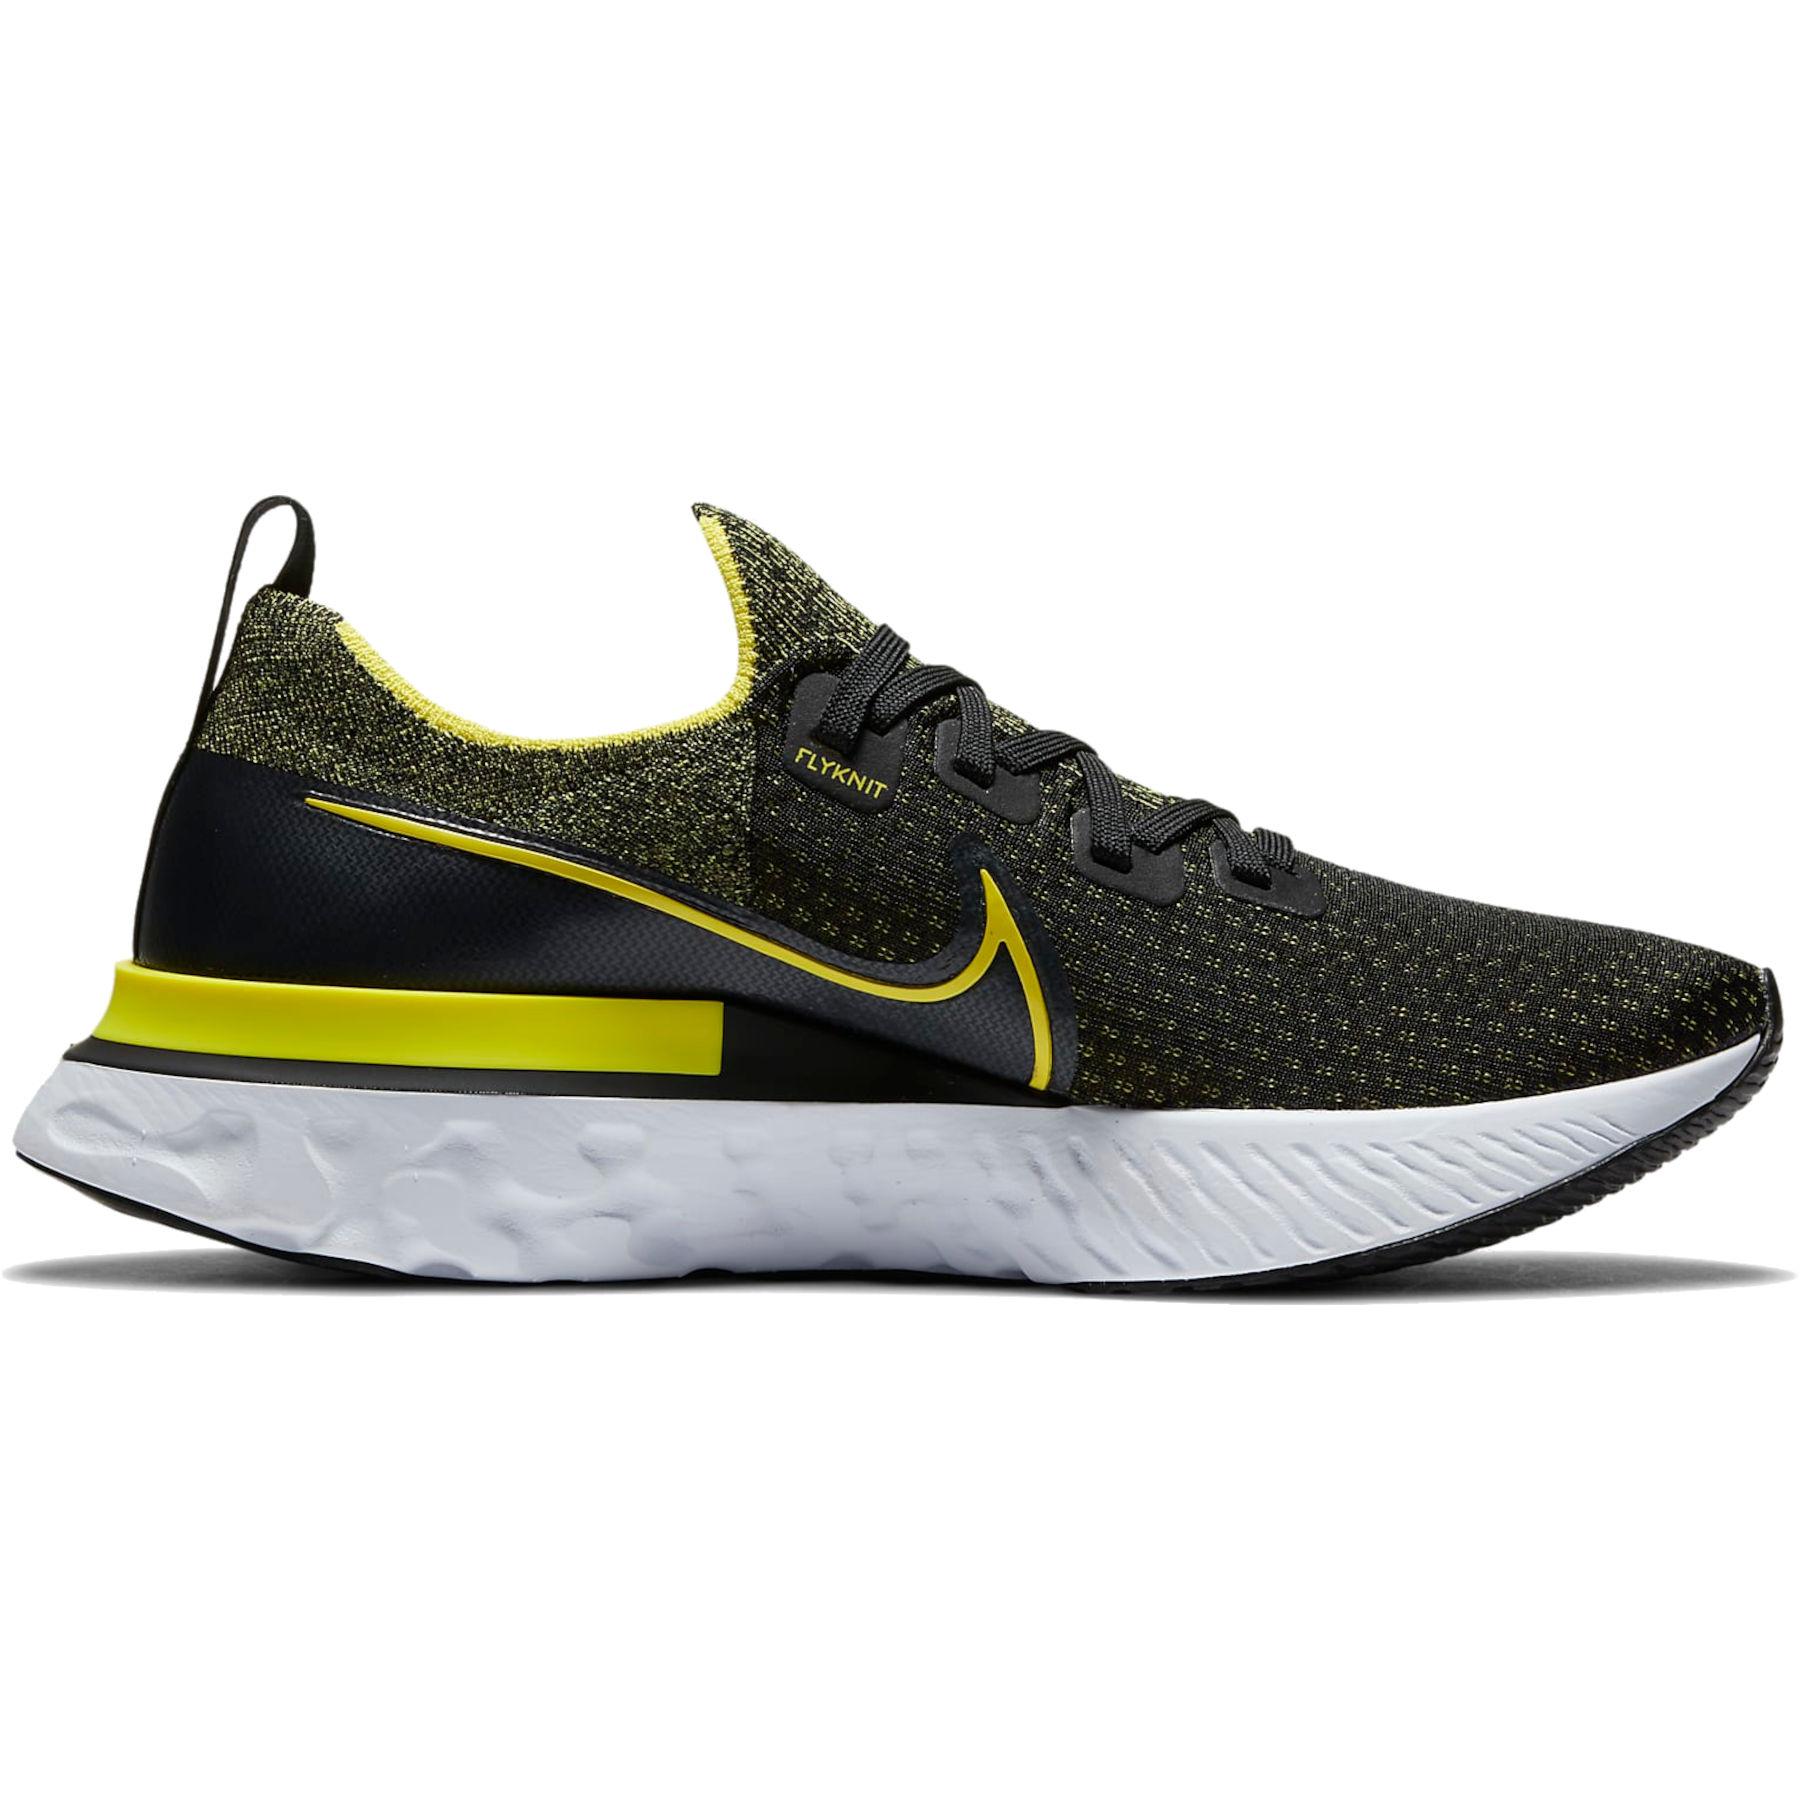 Nike React Infinity Run Flyknit Herren-Laufschuh - black/sonic yellow-white-anthracite CD4371-013